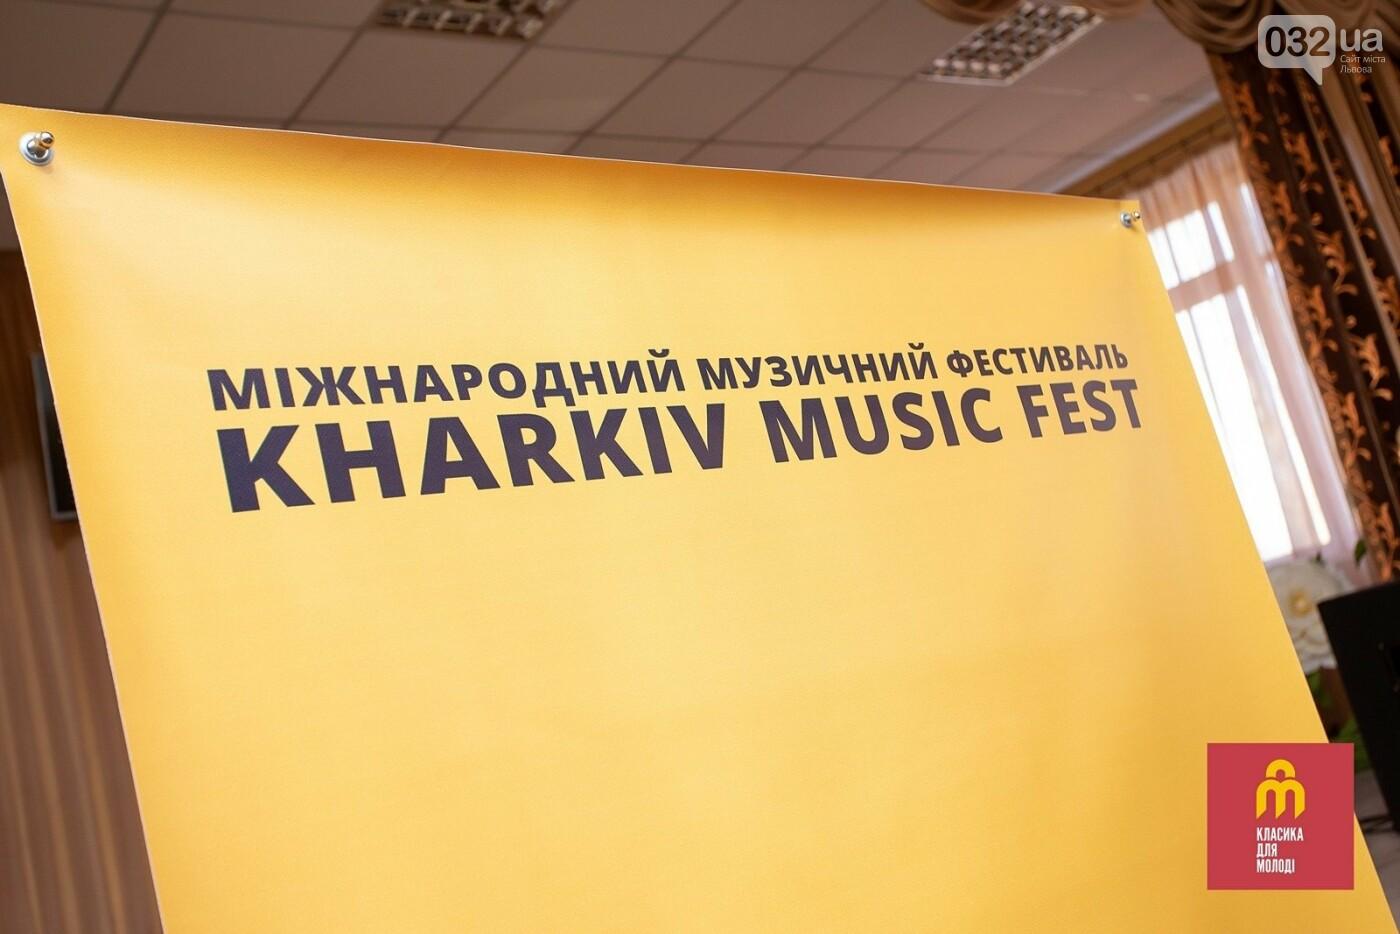 Як в Україні відзначать 250-річний ювілей Людвіга ван Бетховена, фото-3